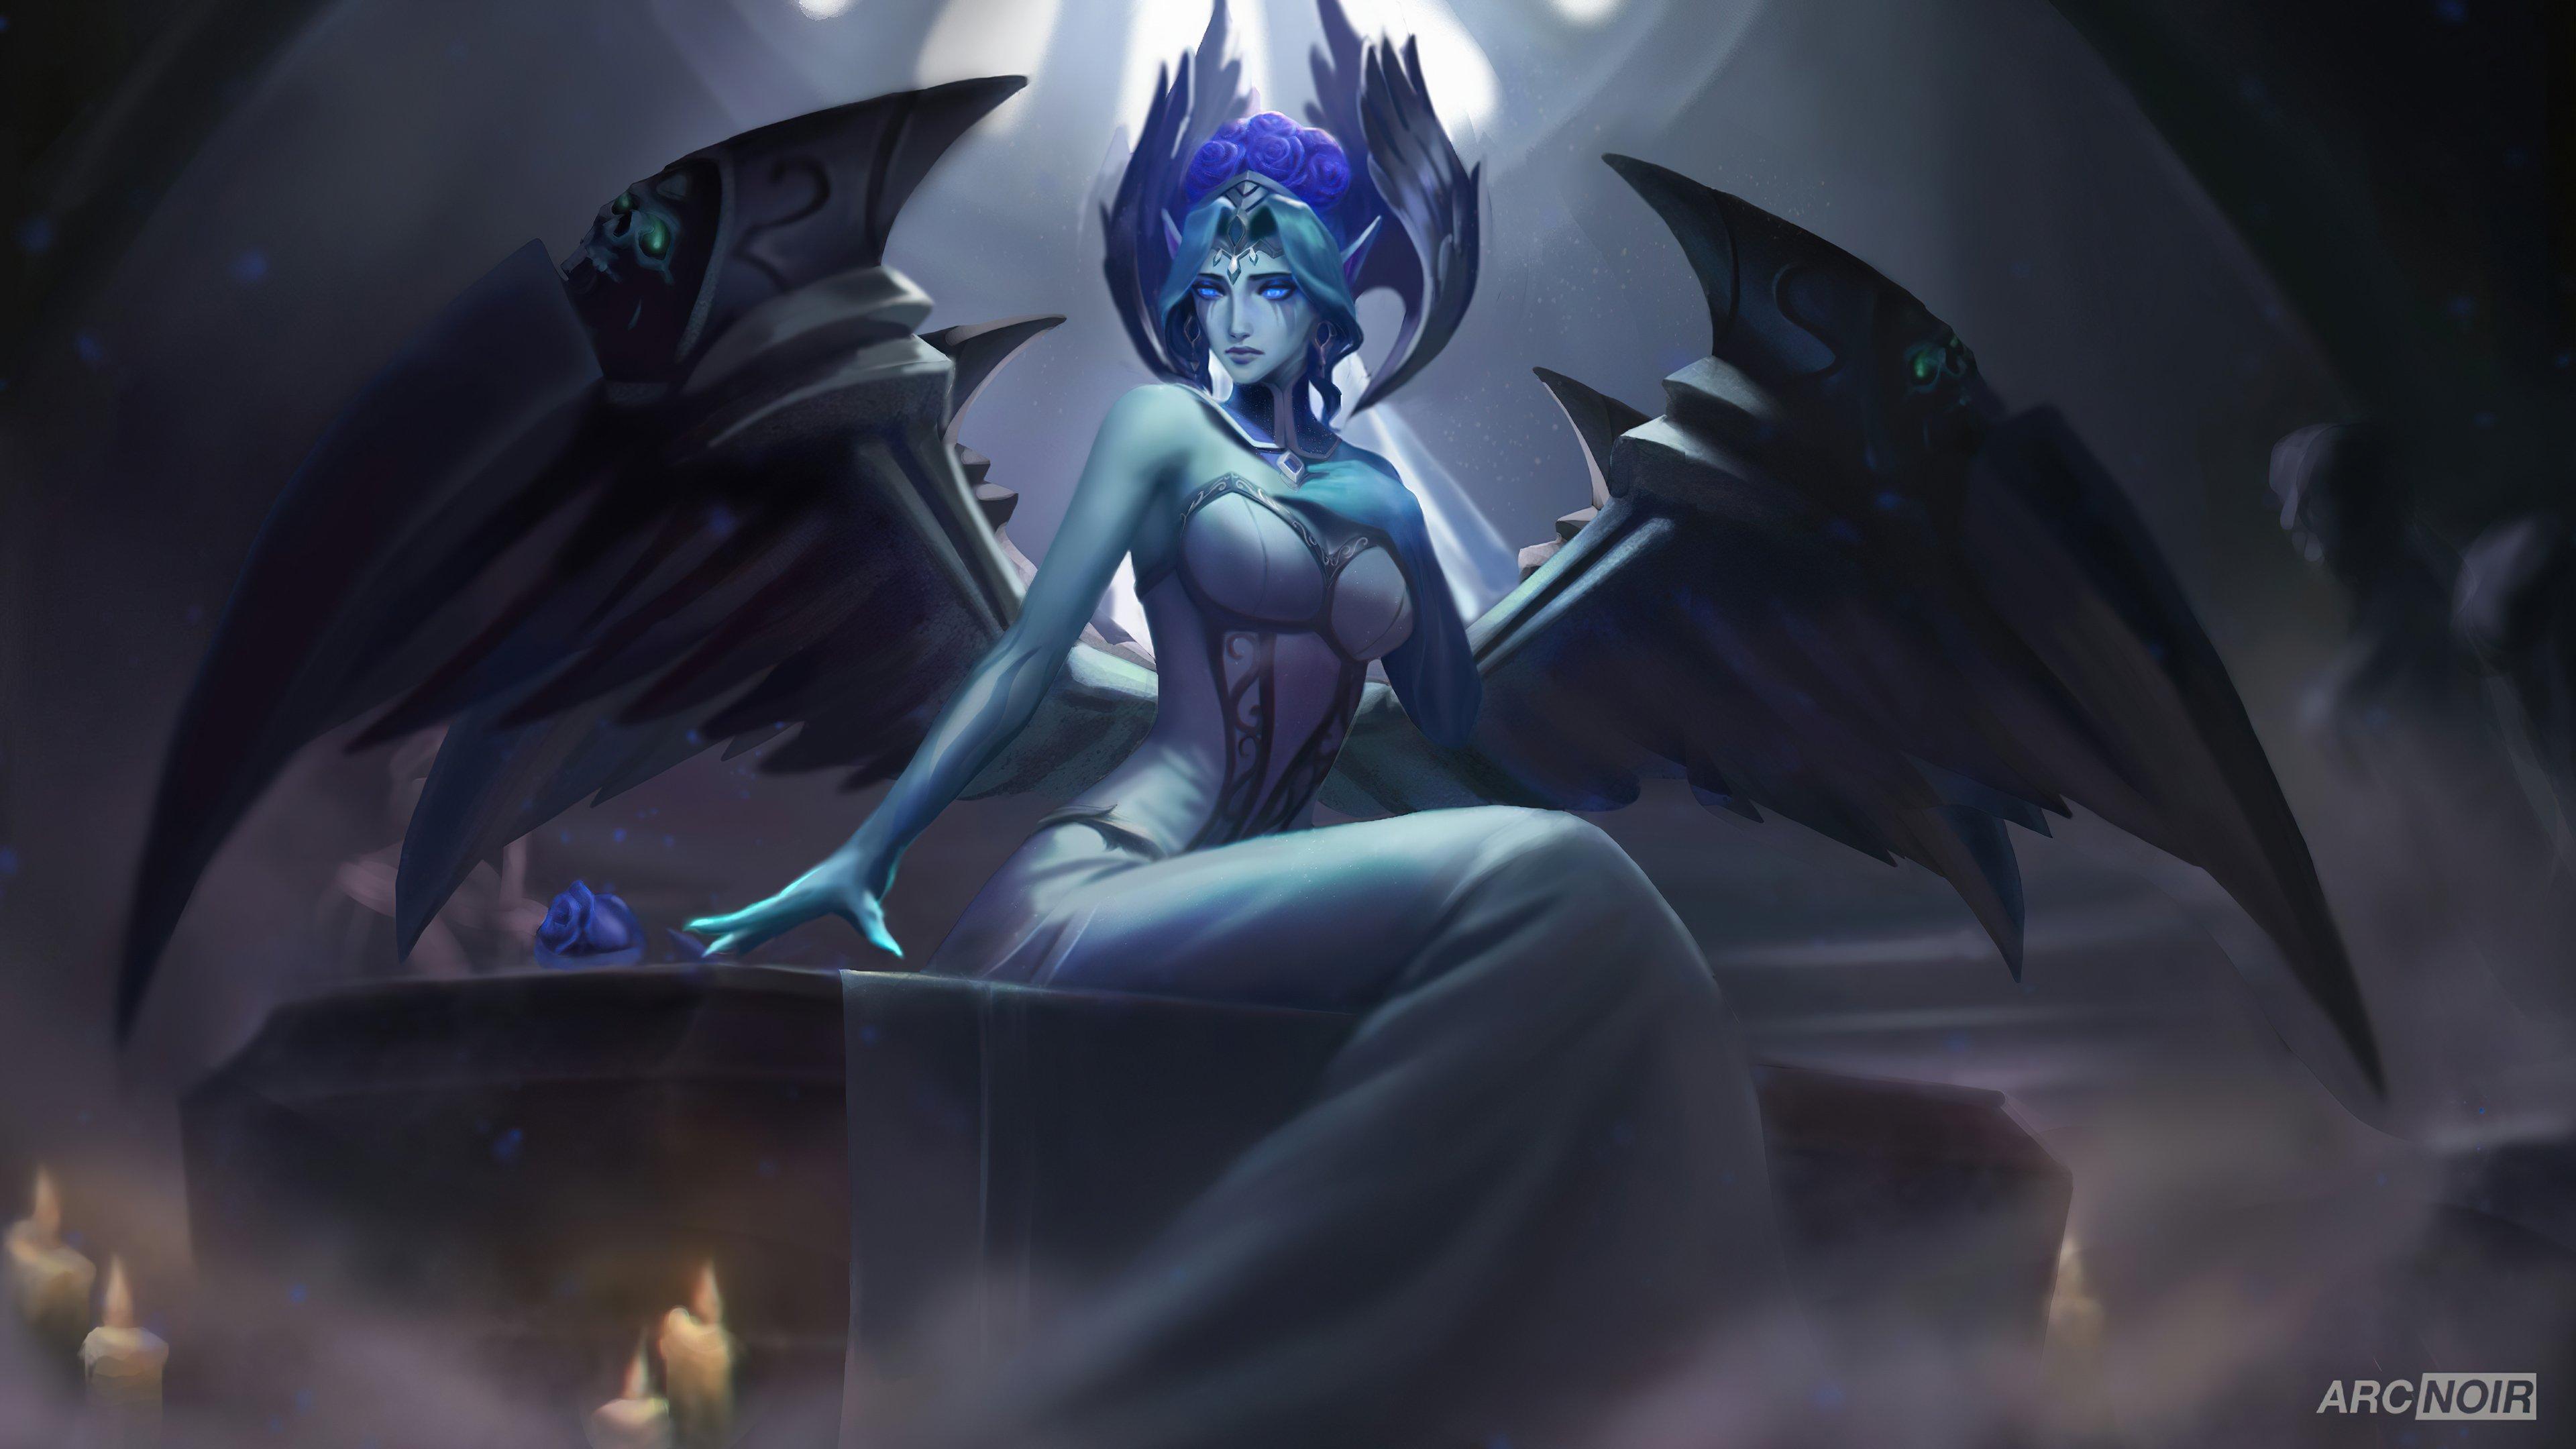 Fondos de pantalla Morgana League of Legends